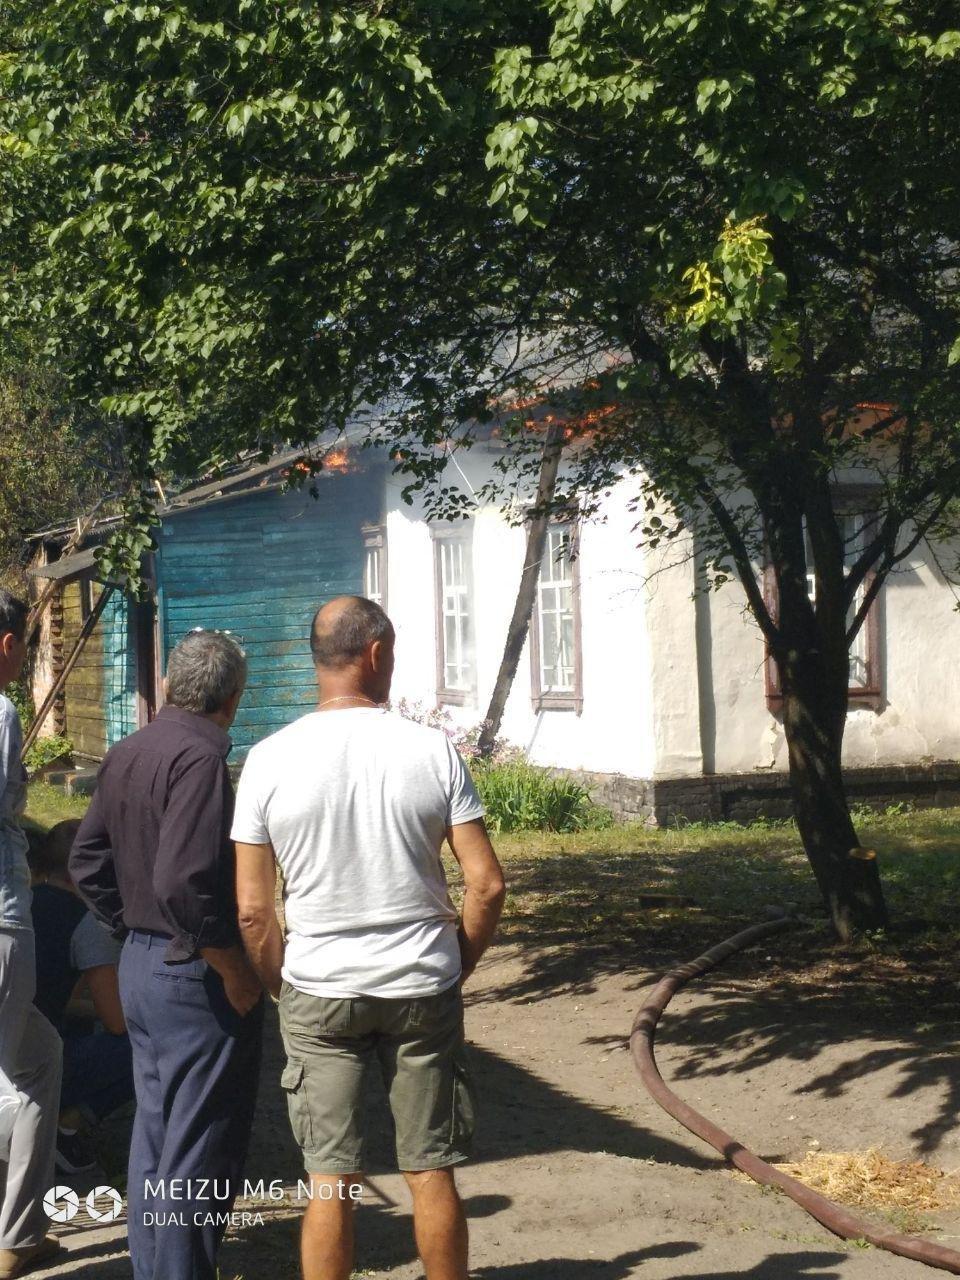 Оновлено. У центрі Конотопа згорів будинок. Можливий підпал?, фото-1